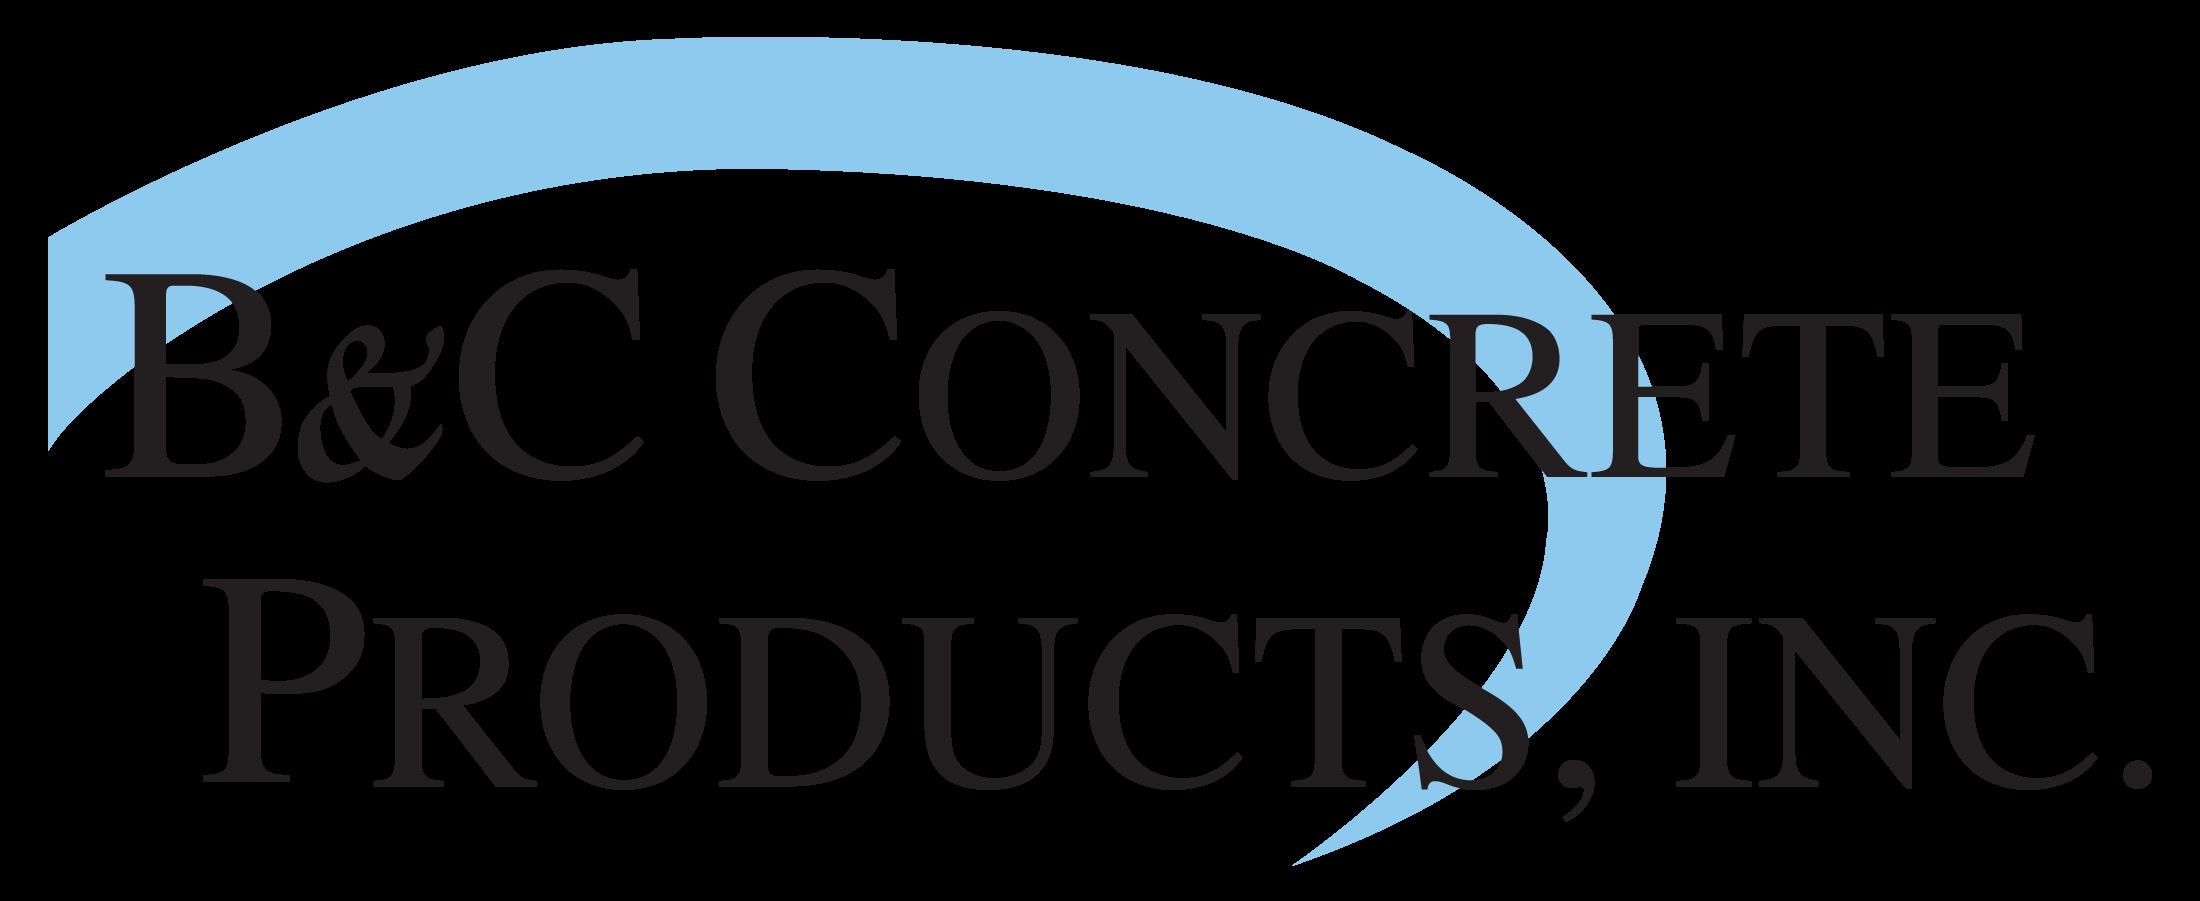 B&C Concrete